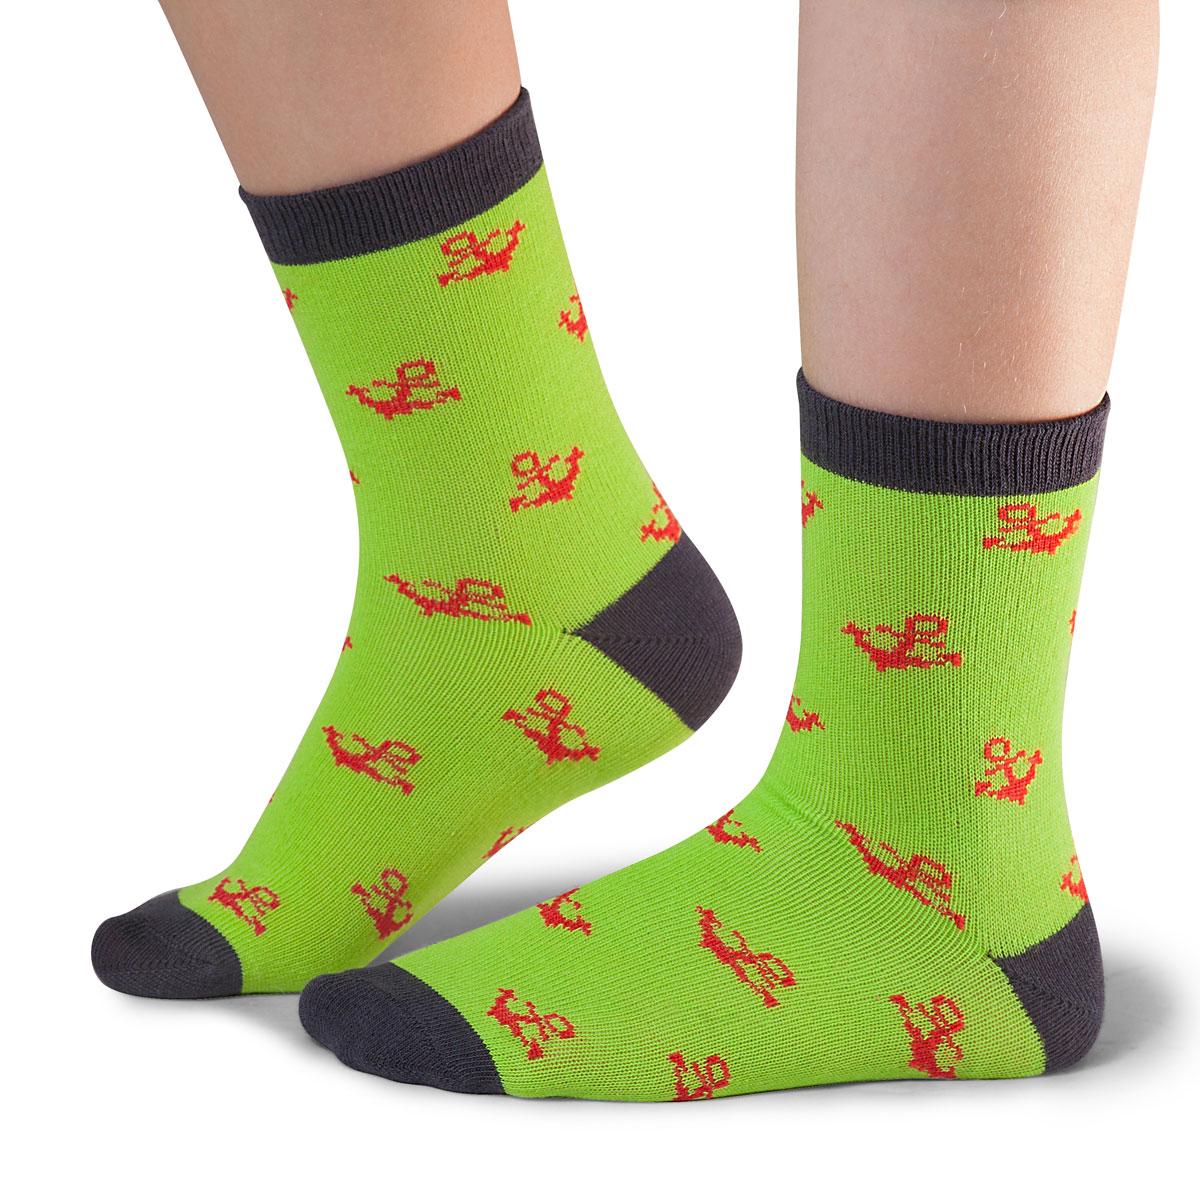 Носки для мальчика Idilio, цвет: зеленый. SB21. Размер 30/32SB21Комфортные носки для мальчиков с добавлением экологически чистого хлопка, изготовленные без применения химических красителей.